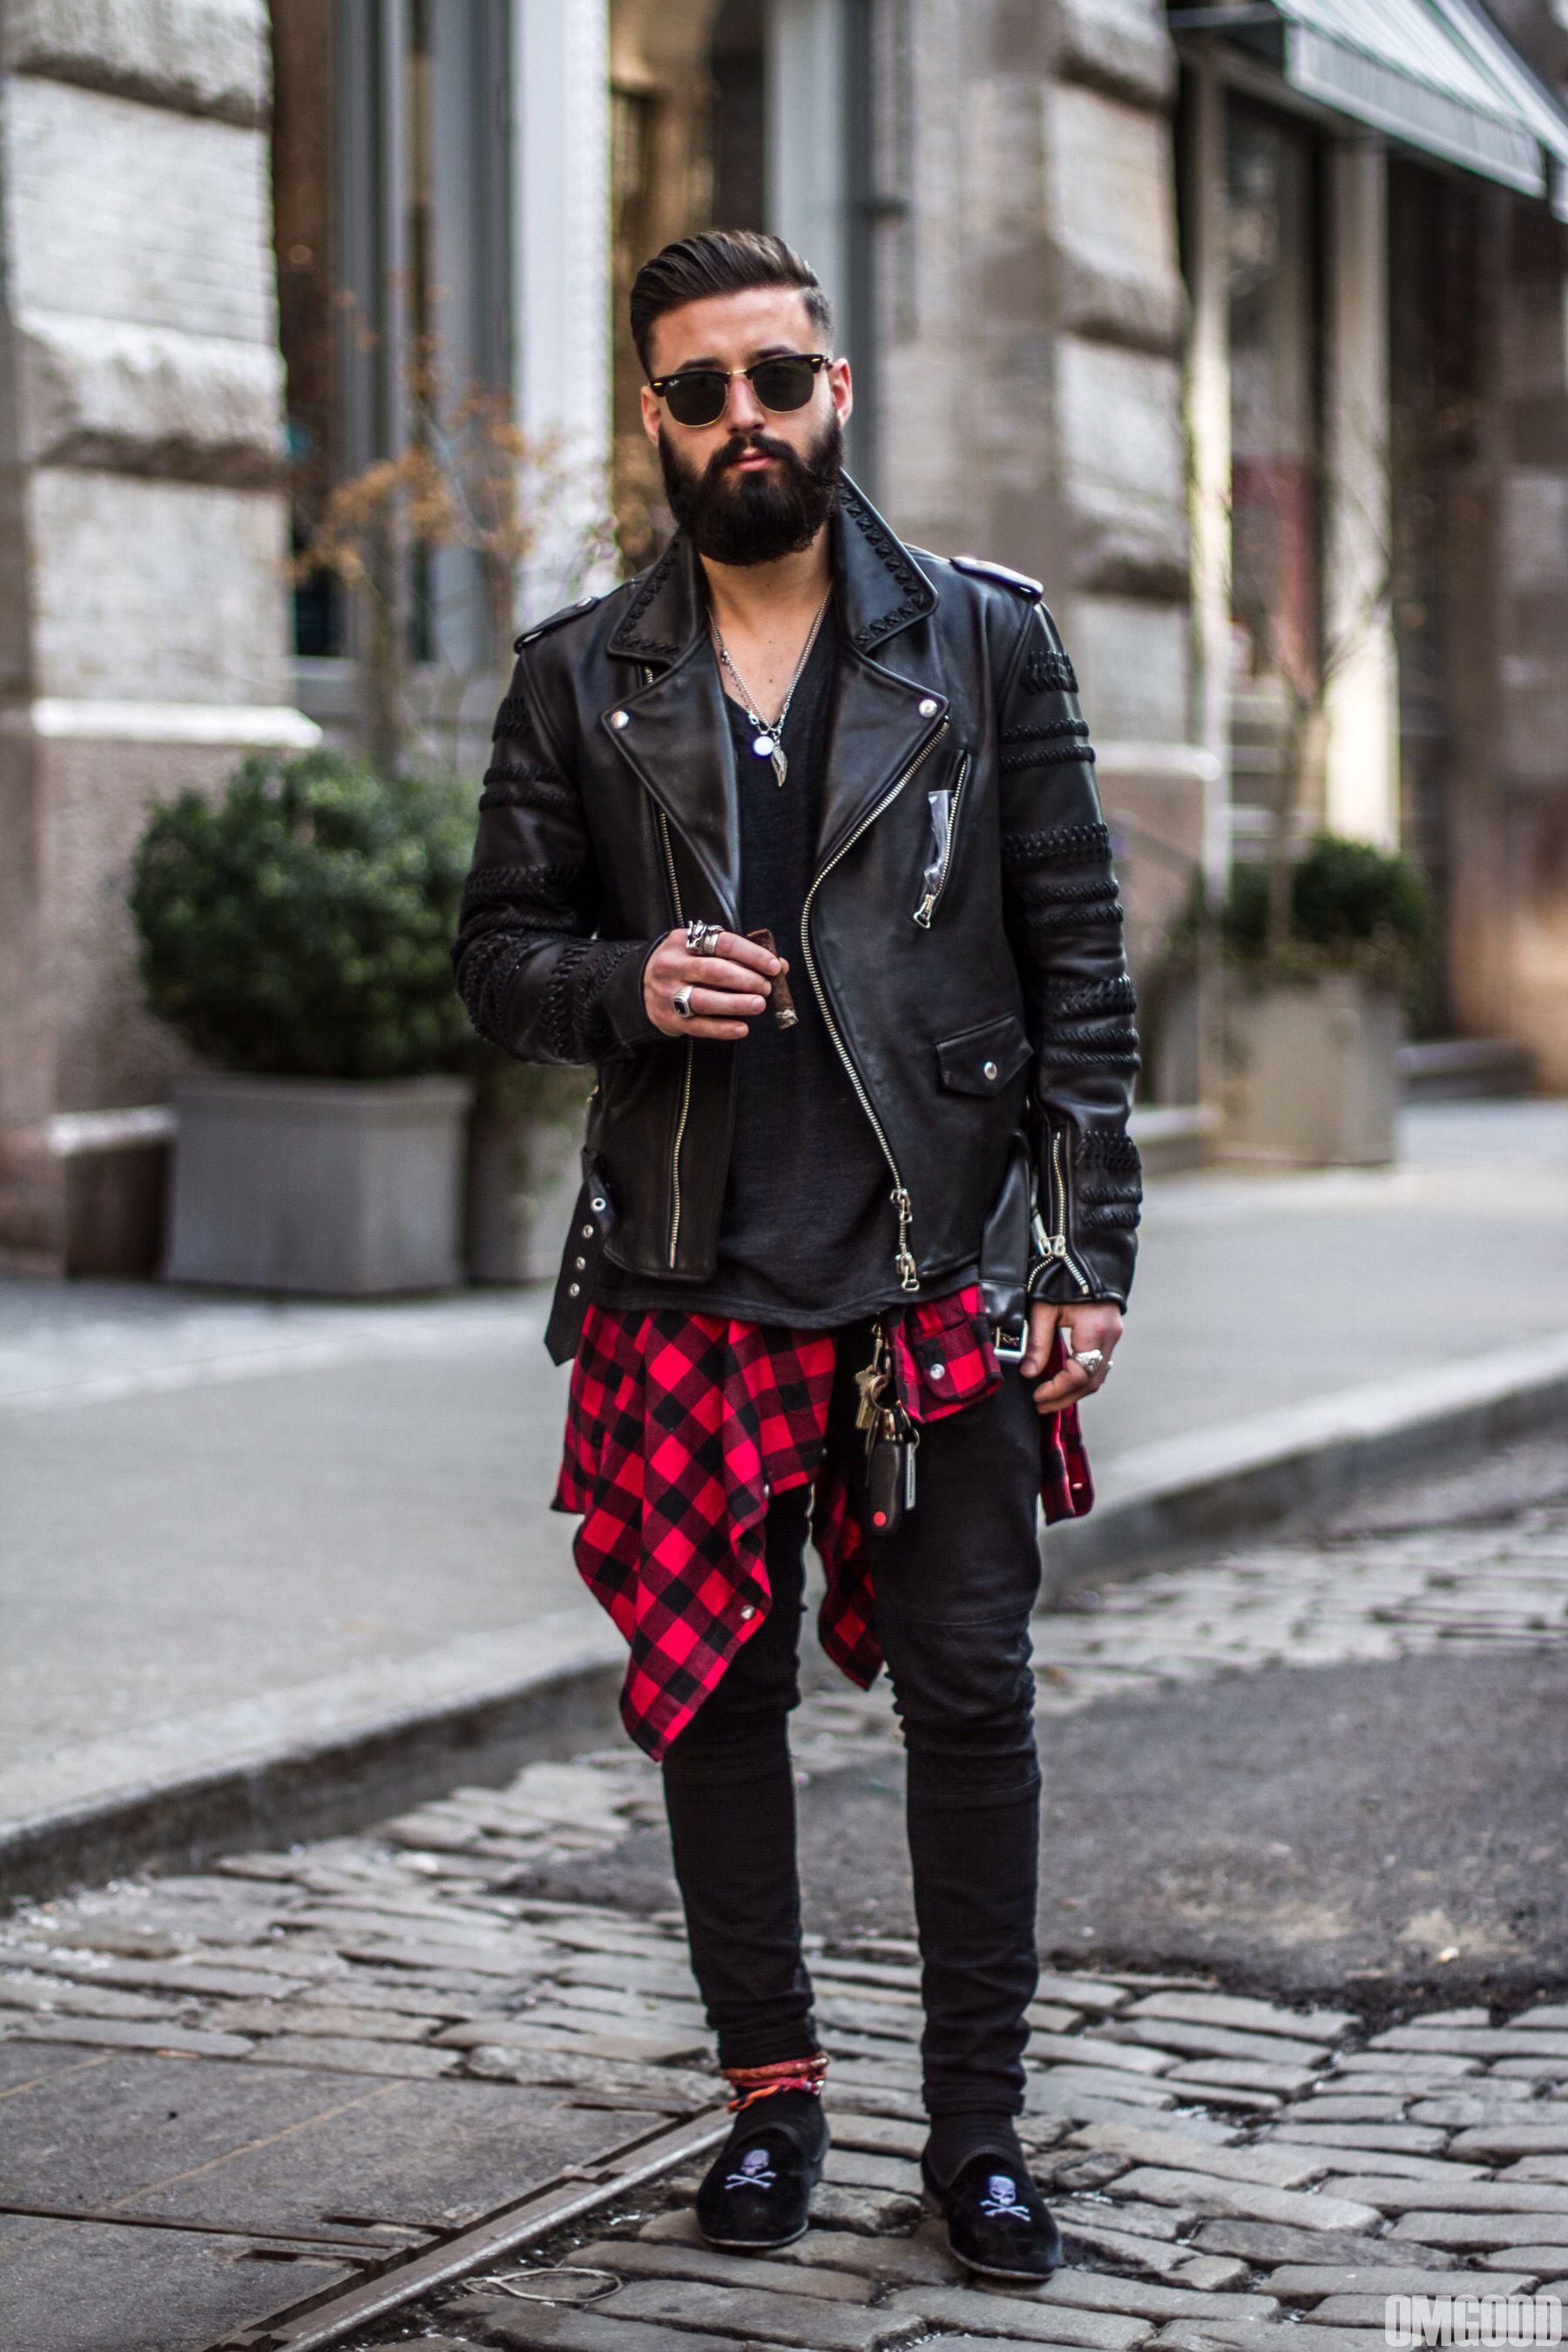 Leather jacket europe - Internet